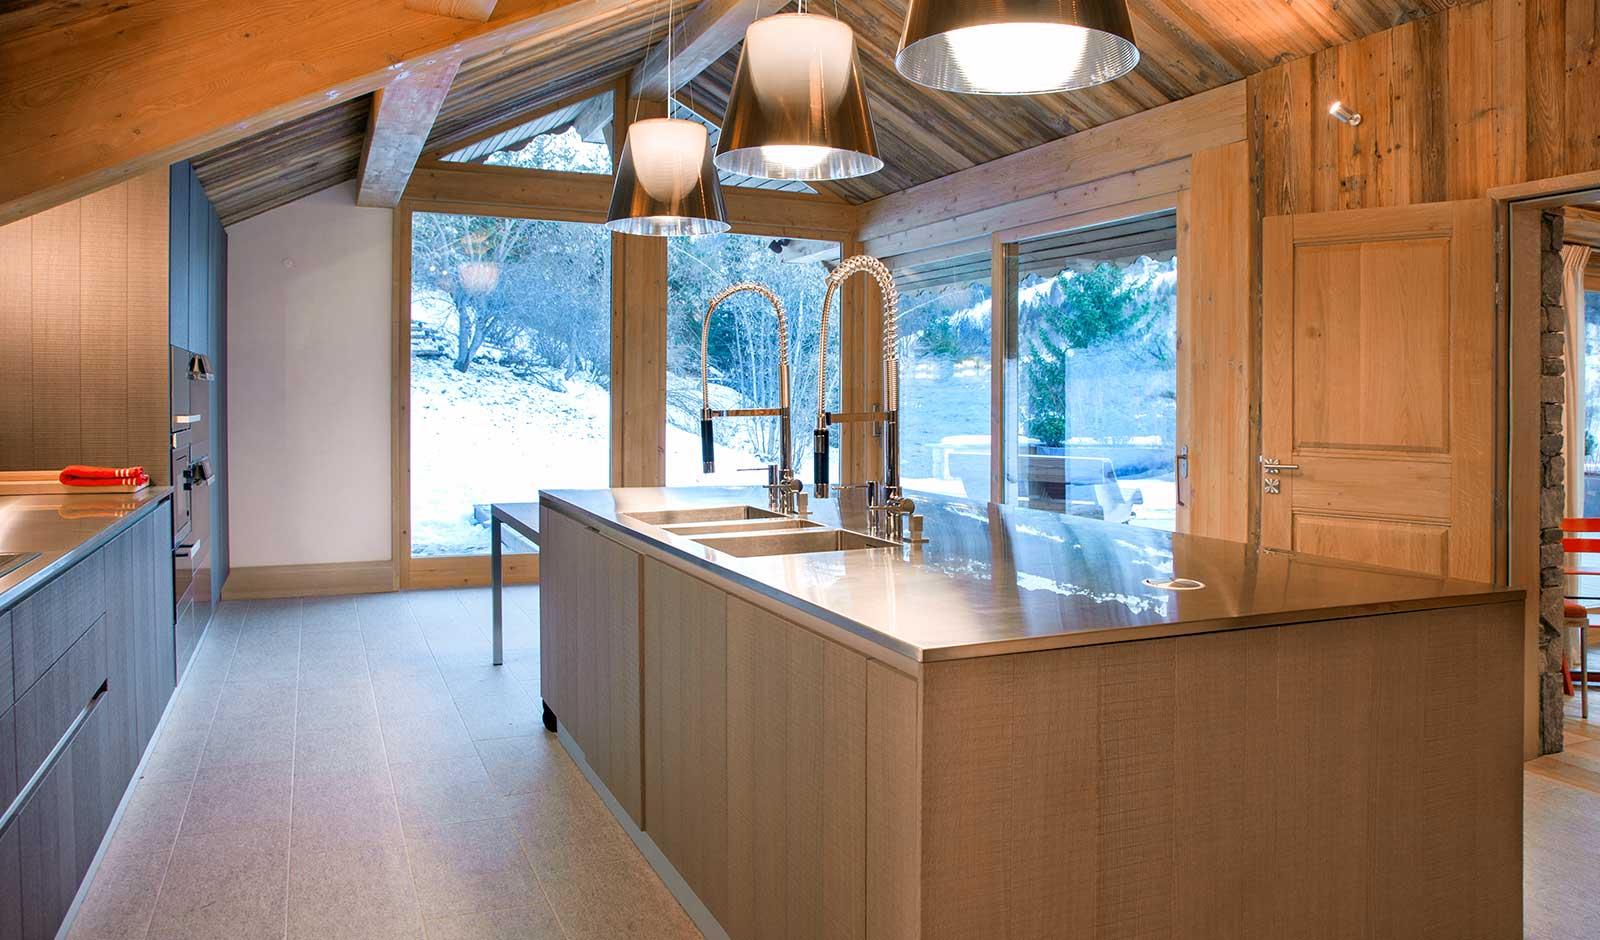 chalet-mont-tremblant-9-atelier-crea-and-co-architecte-design-project-manager-meribel-savoie